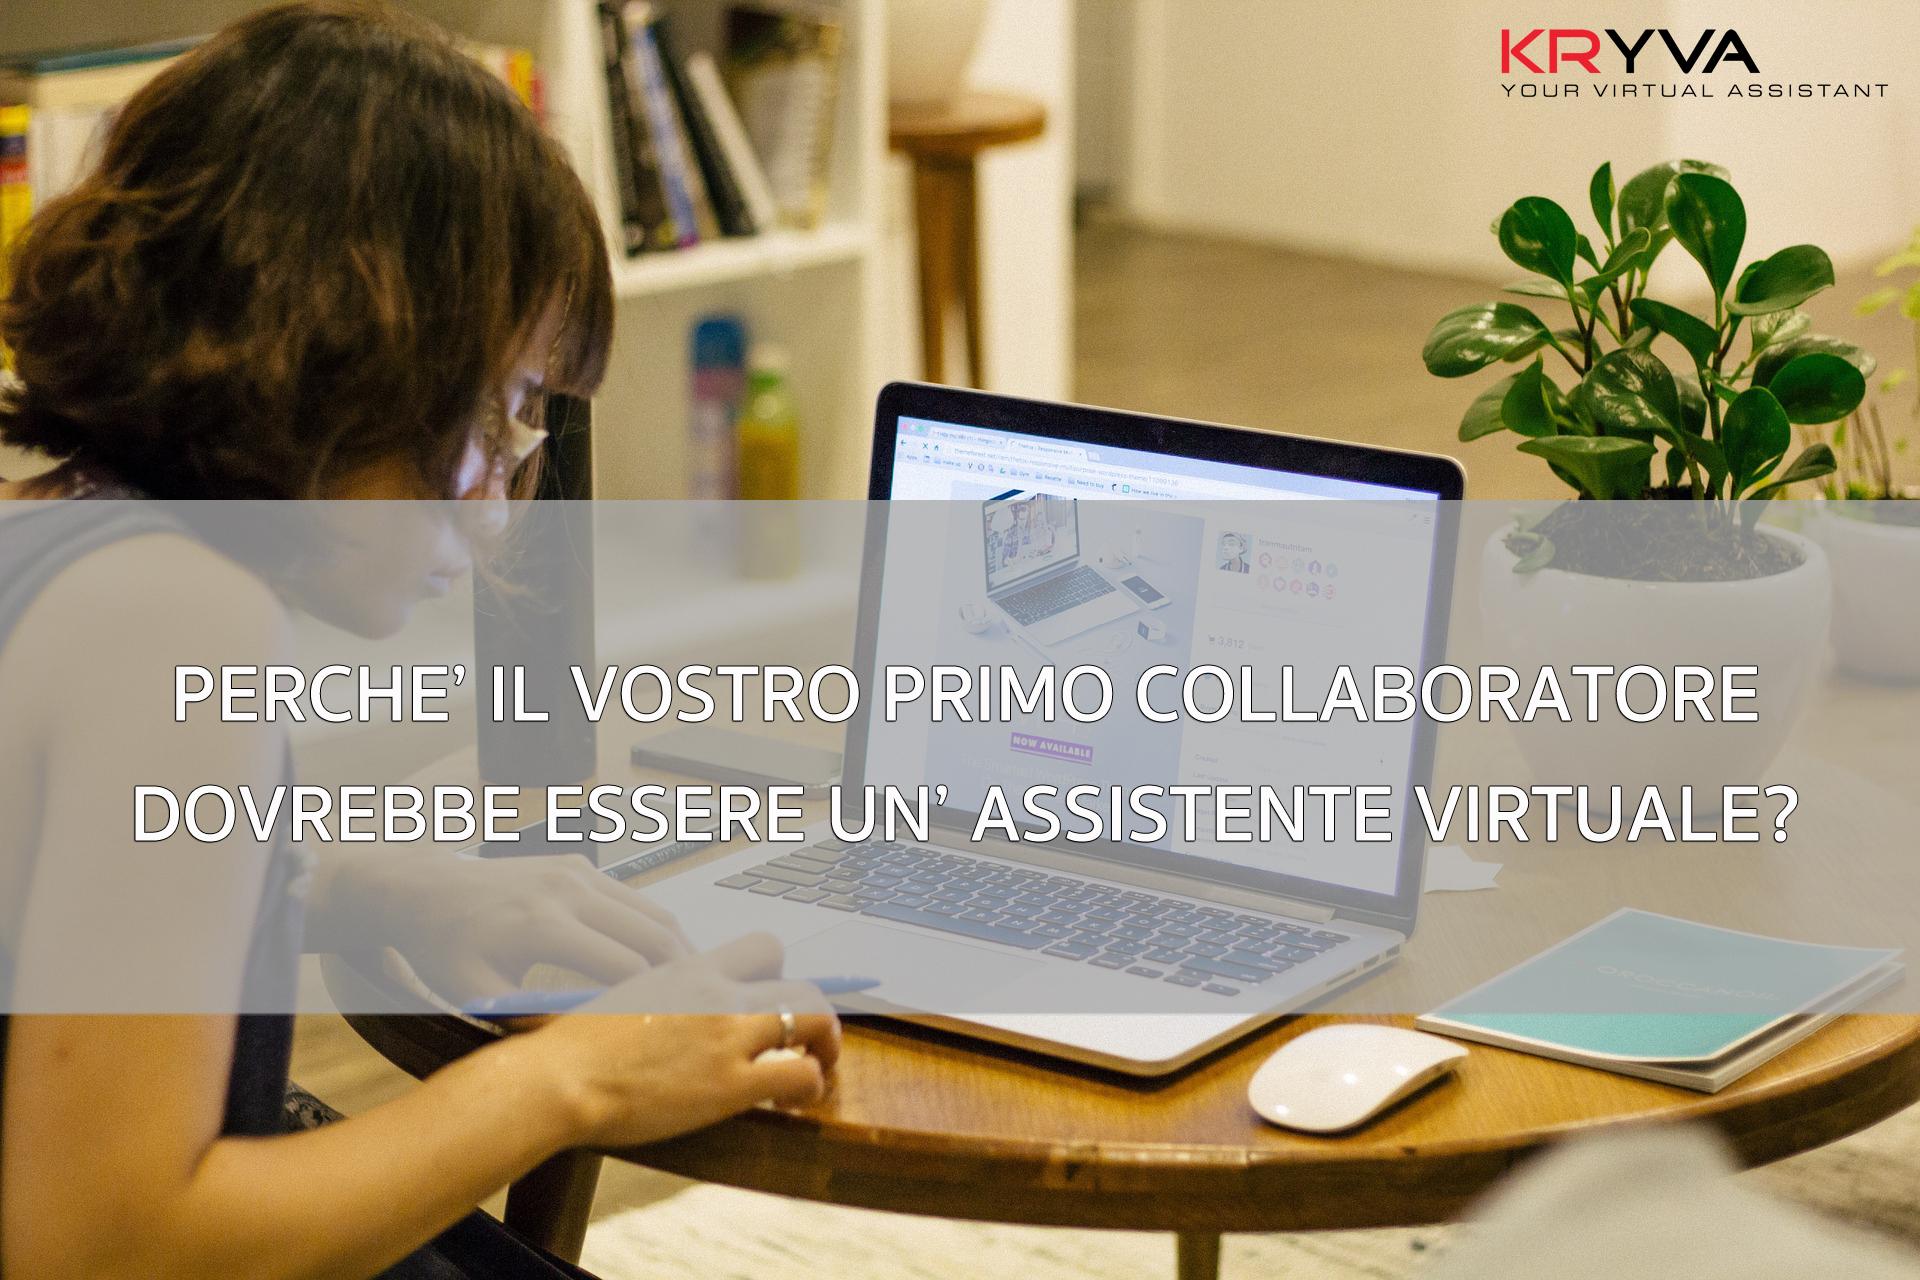 Perché il vostro primo collaboratore dovrebbe essere un'Assistente Virtuale?